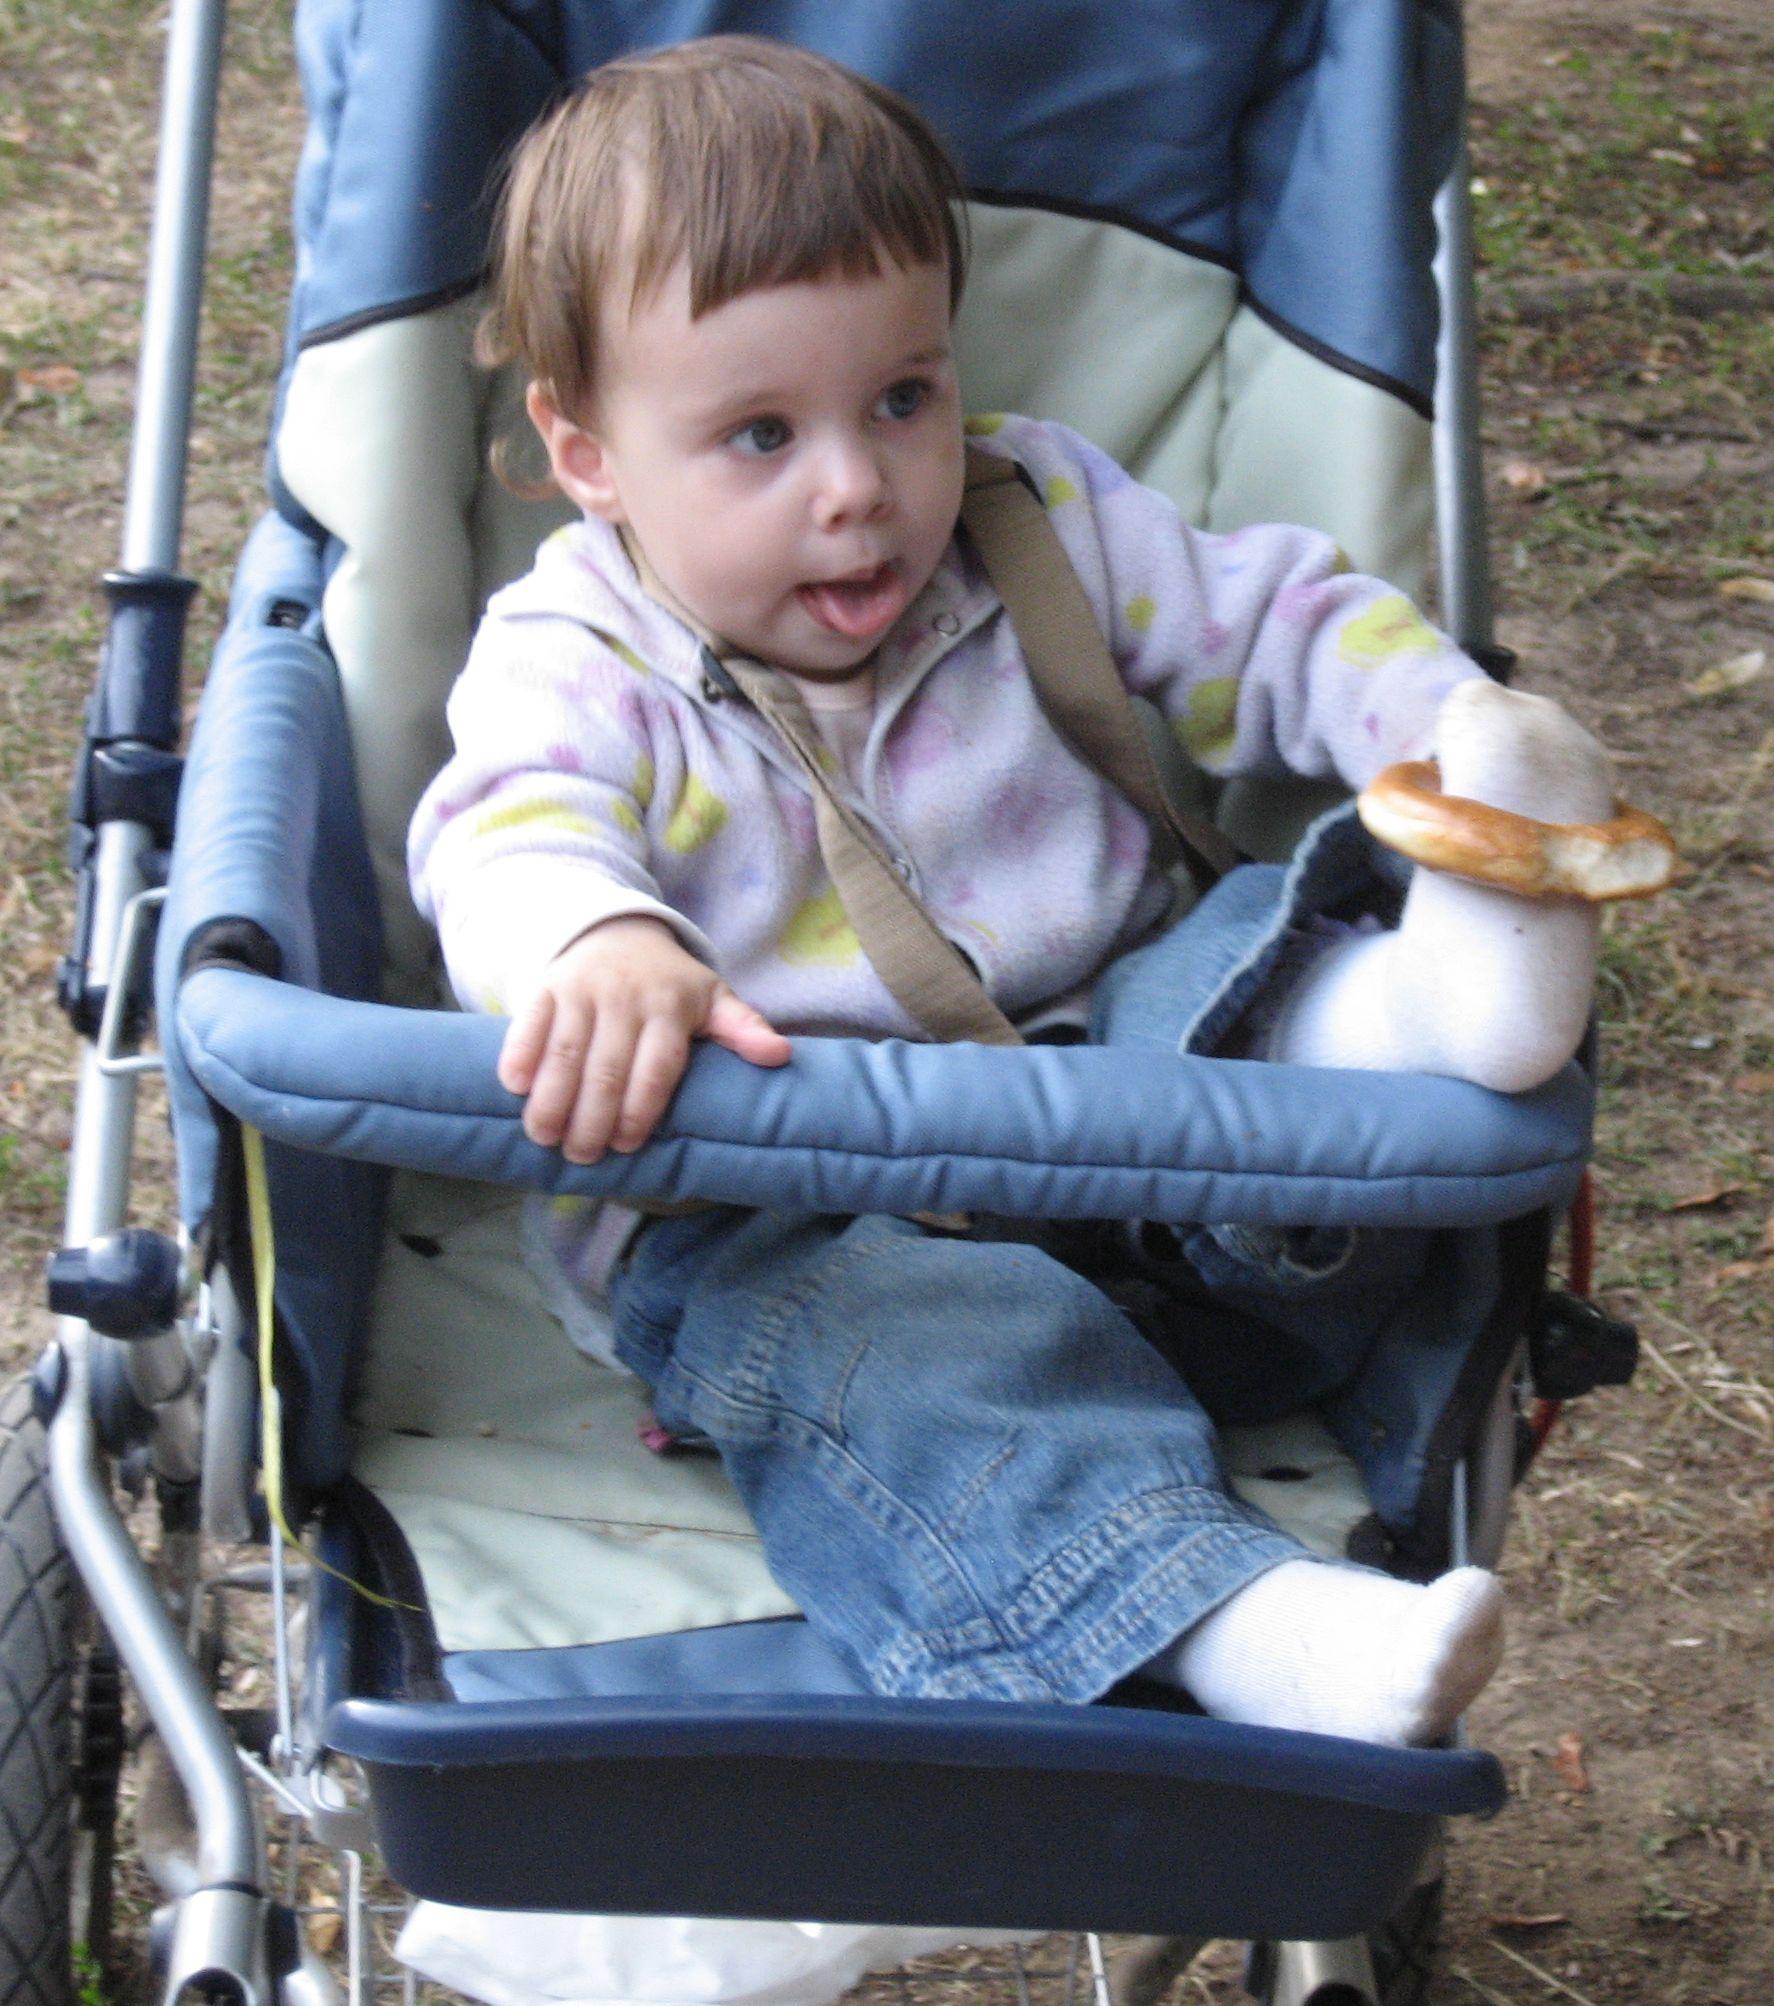 С бубликом в неположенном месте!. Дети в колясках